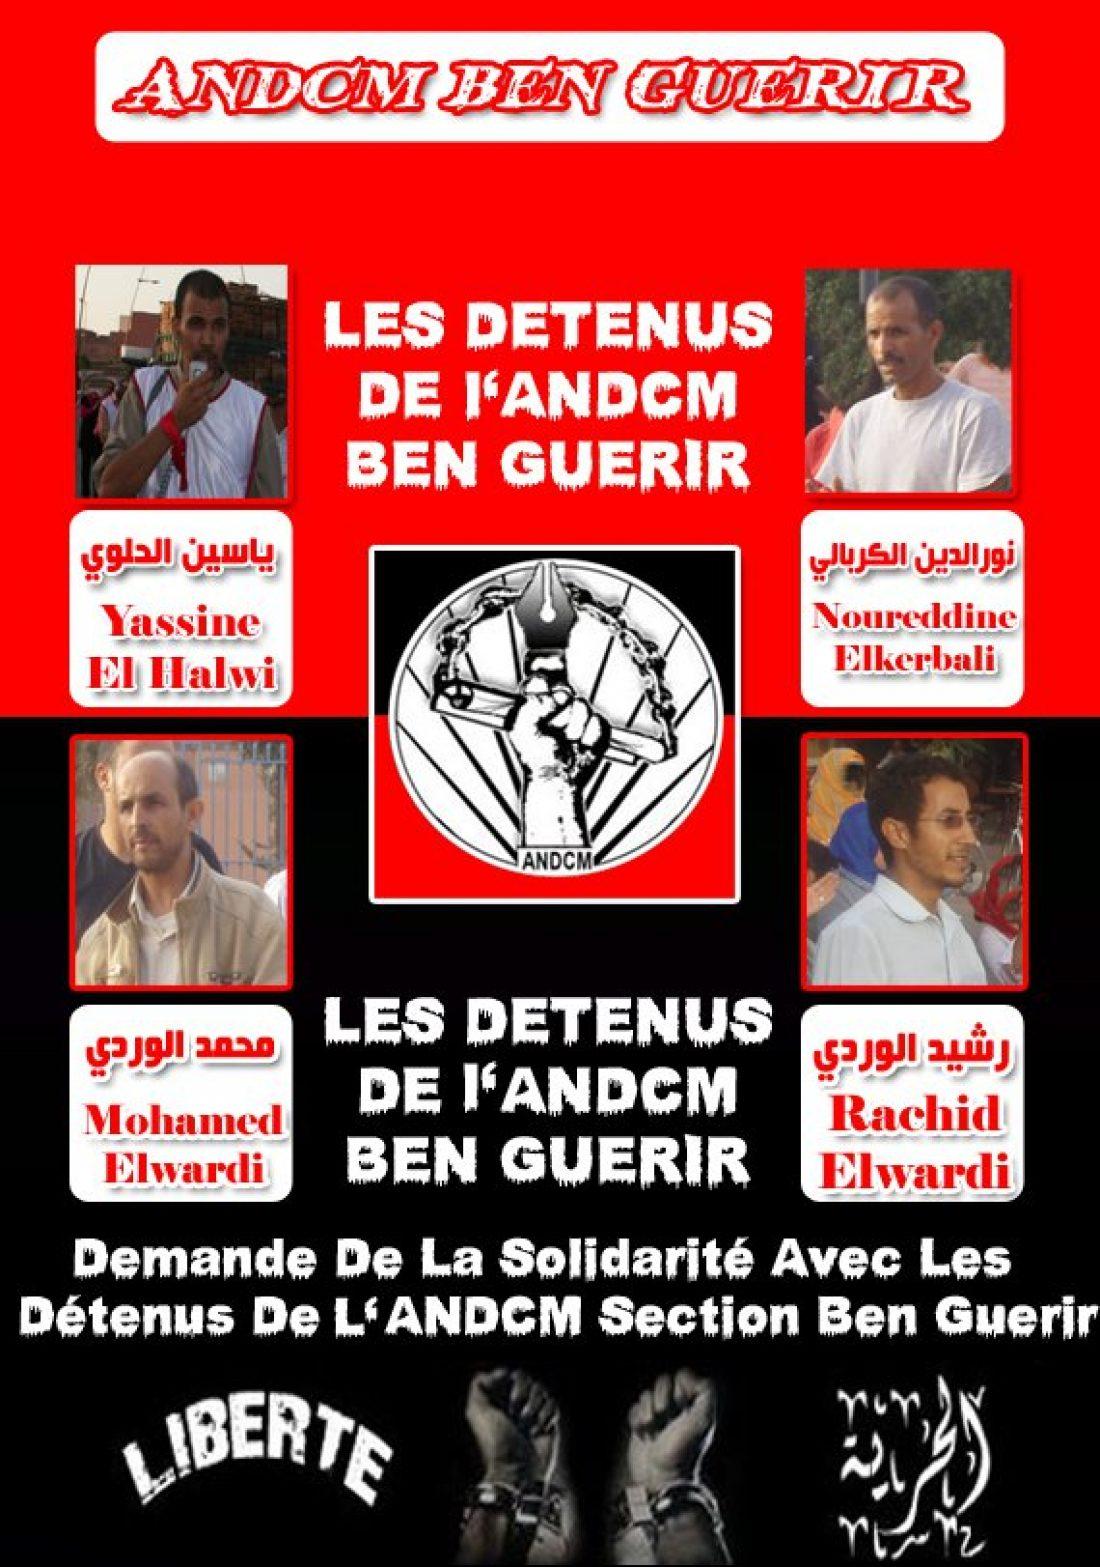 La CGT se solidariza con los presos de la ANDCM de Ben Guerir